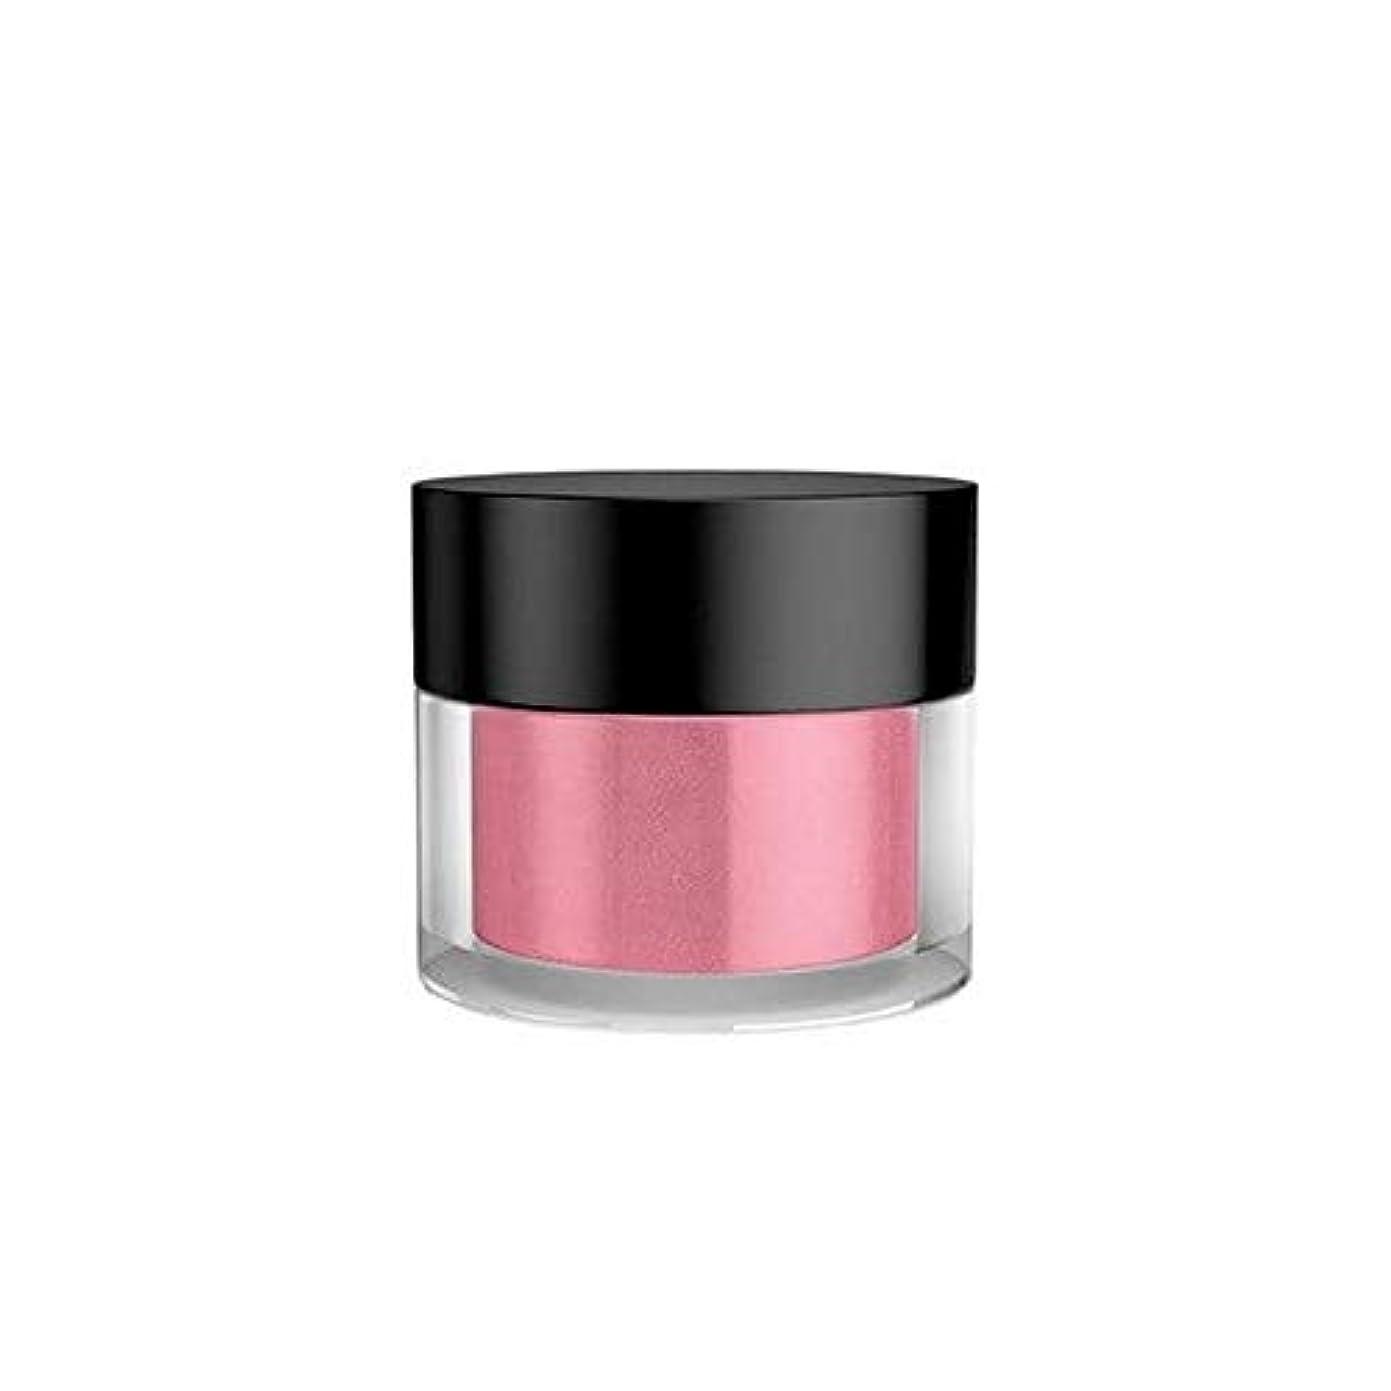 絶滅させる実証するデコレーション[GOSH ] おやっ効果粉末クロムは005をバラ - Gosh Effect Powder Chrome Rose 005 [並行輸入品]